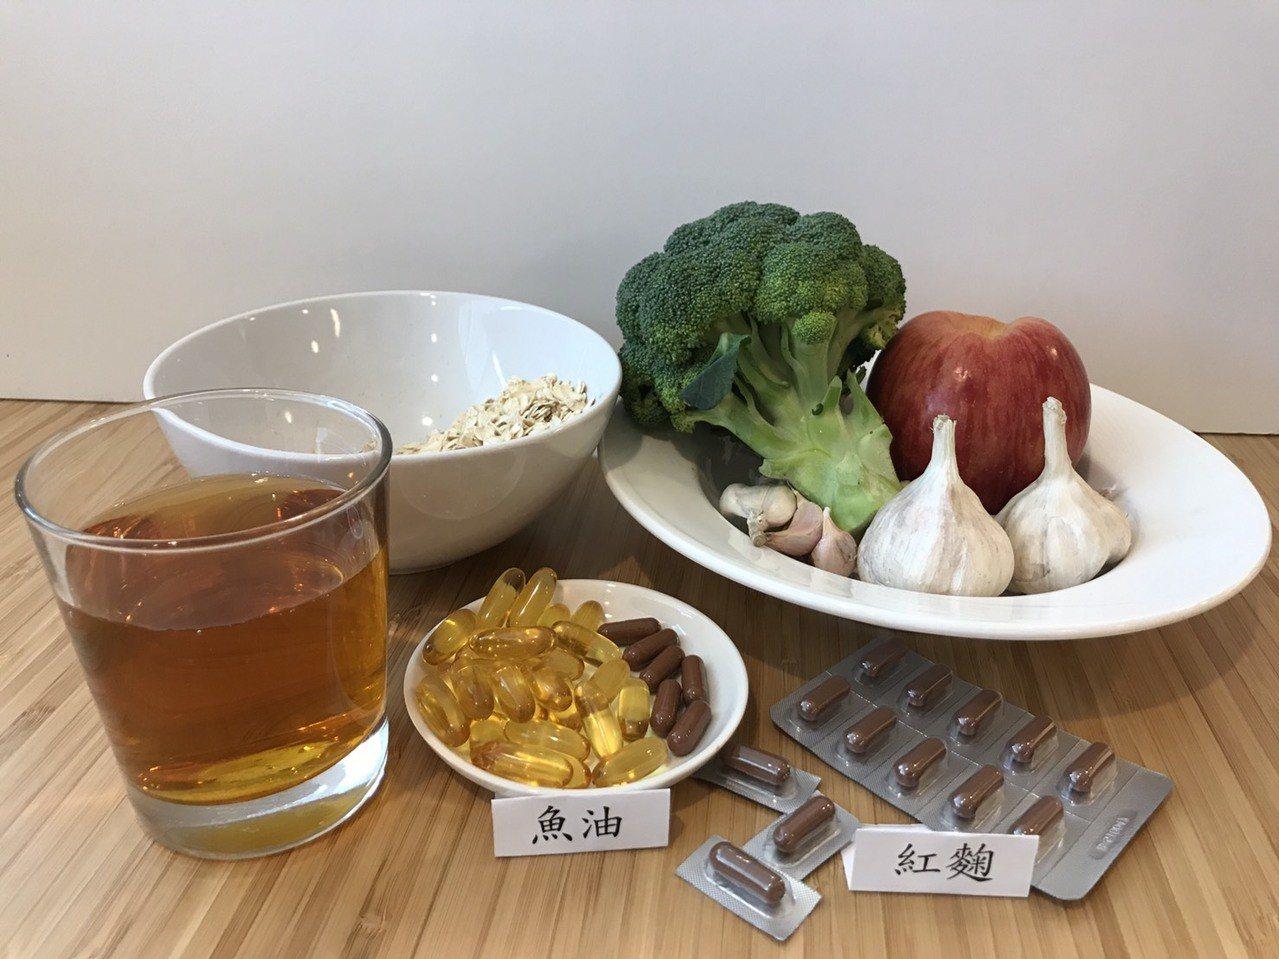 台灣每5名成年人就有一人高血脂,不少患者有著錯誤迷思,以為飲食正常,多運動,或是...